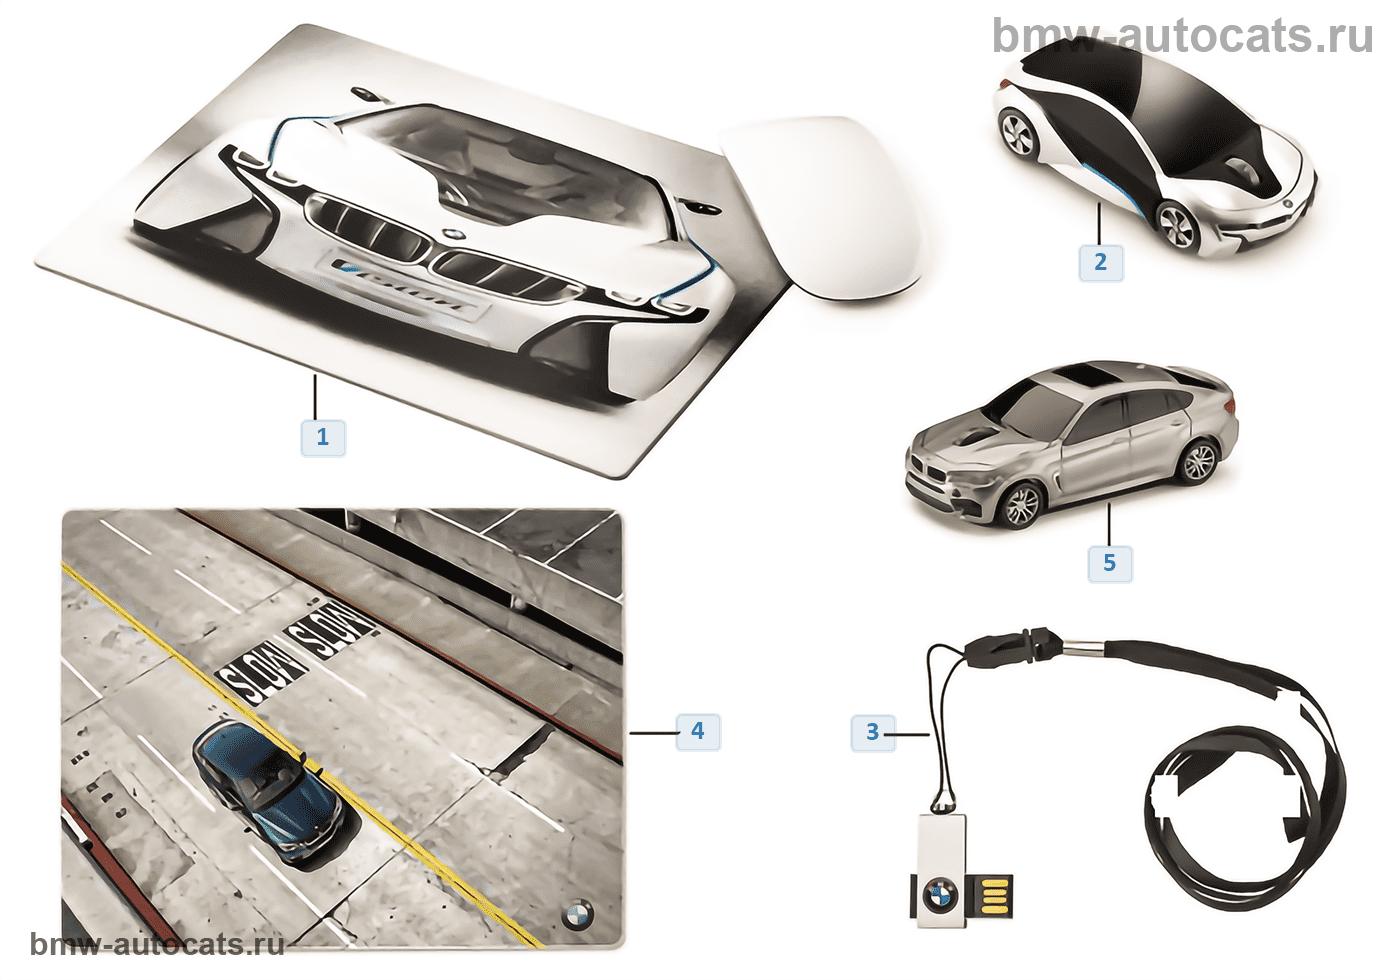 BMW Coll. акс.для комп.2014-16, 2016-18